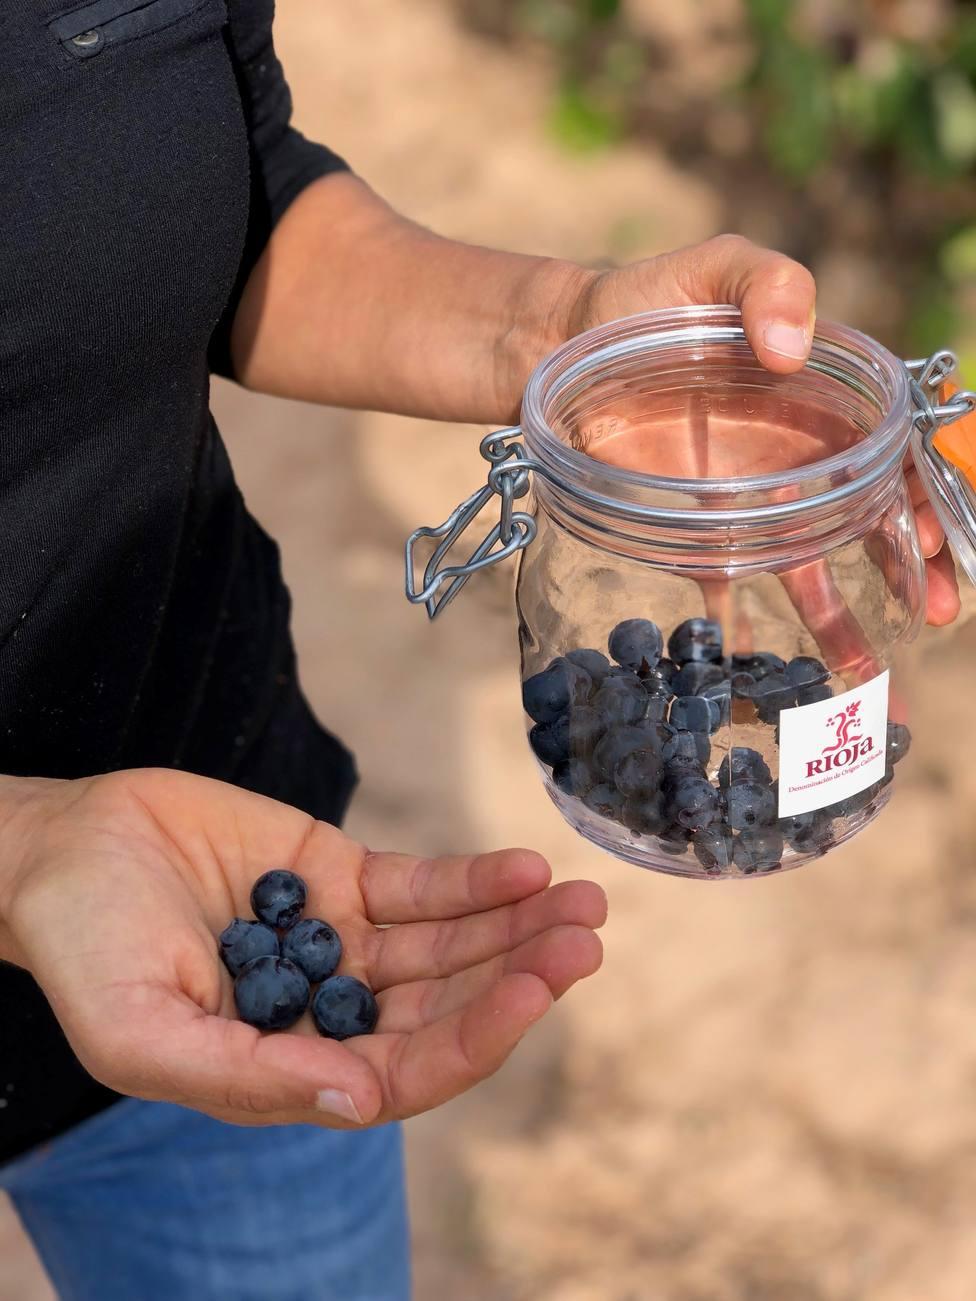 La vendimia avanza notablemente en la DOC Rioja, según el Consejo Regulador